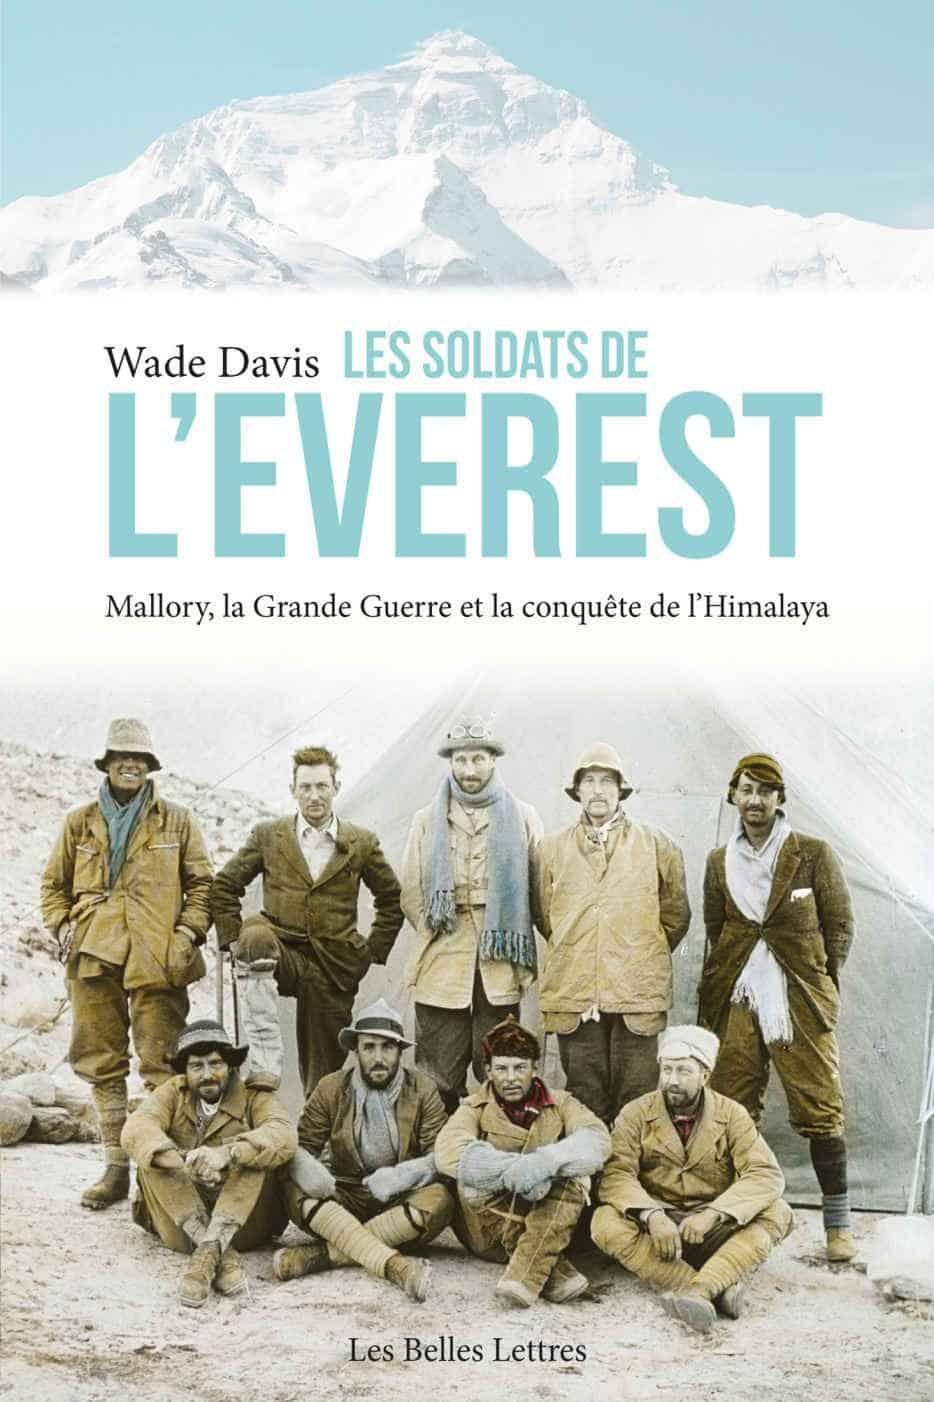 Les soldats de l'Everest, de Wade Davis